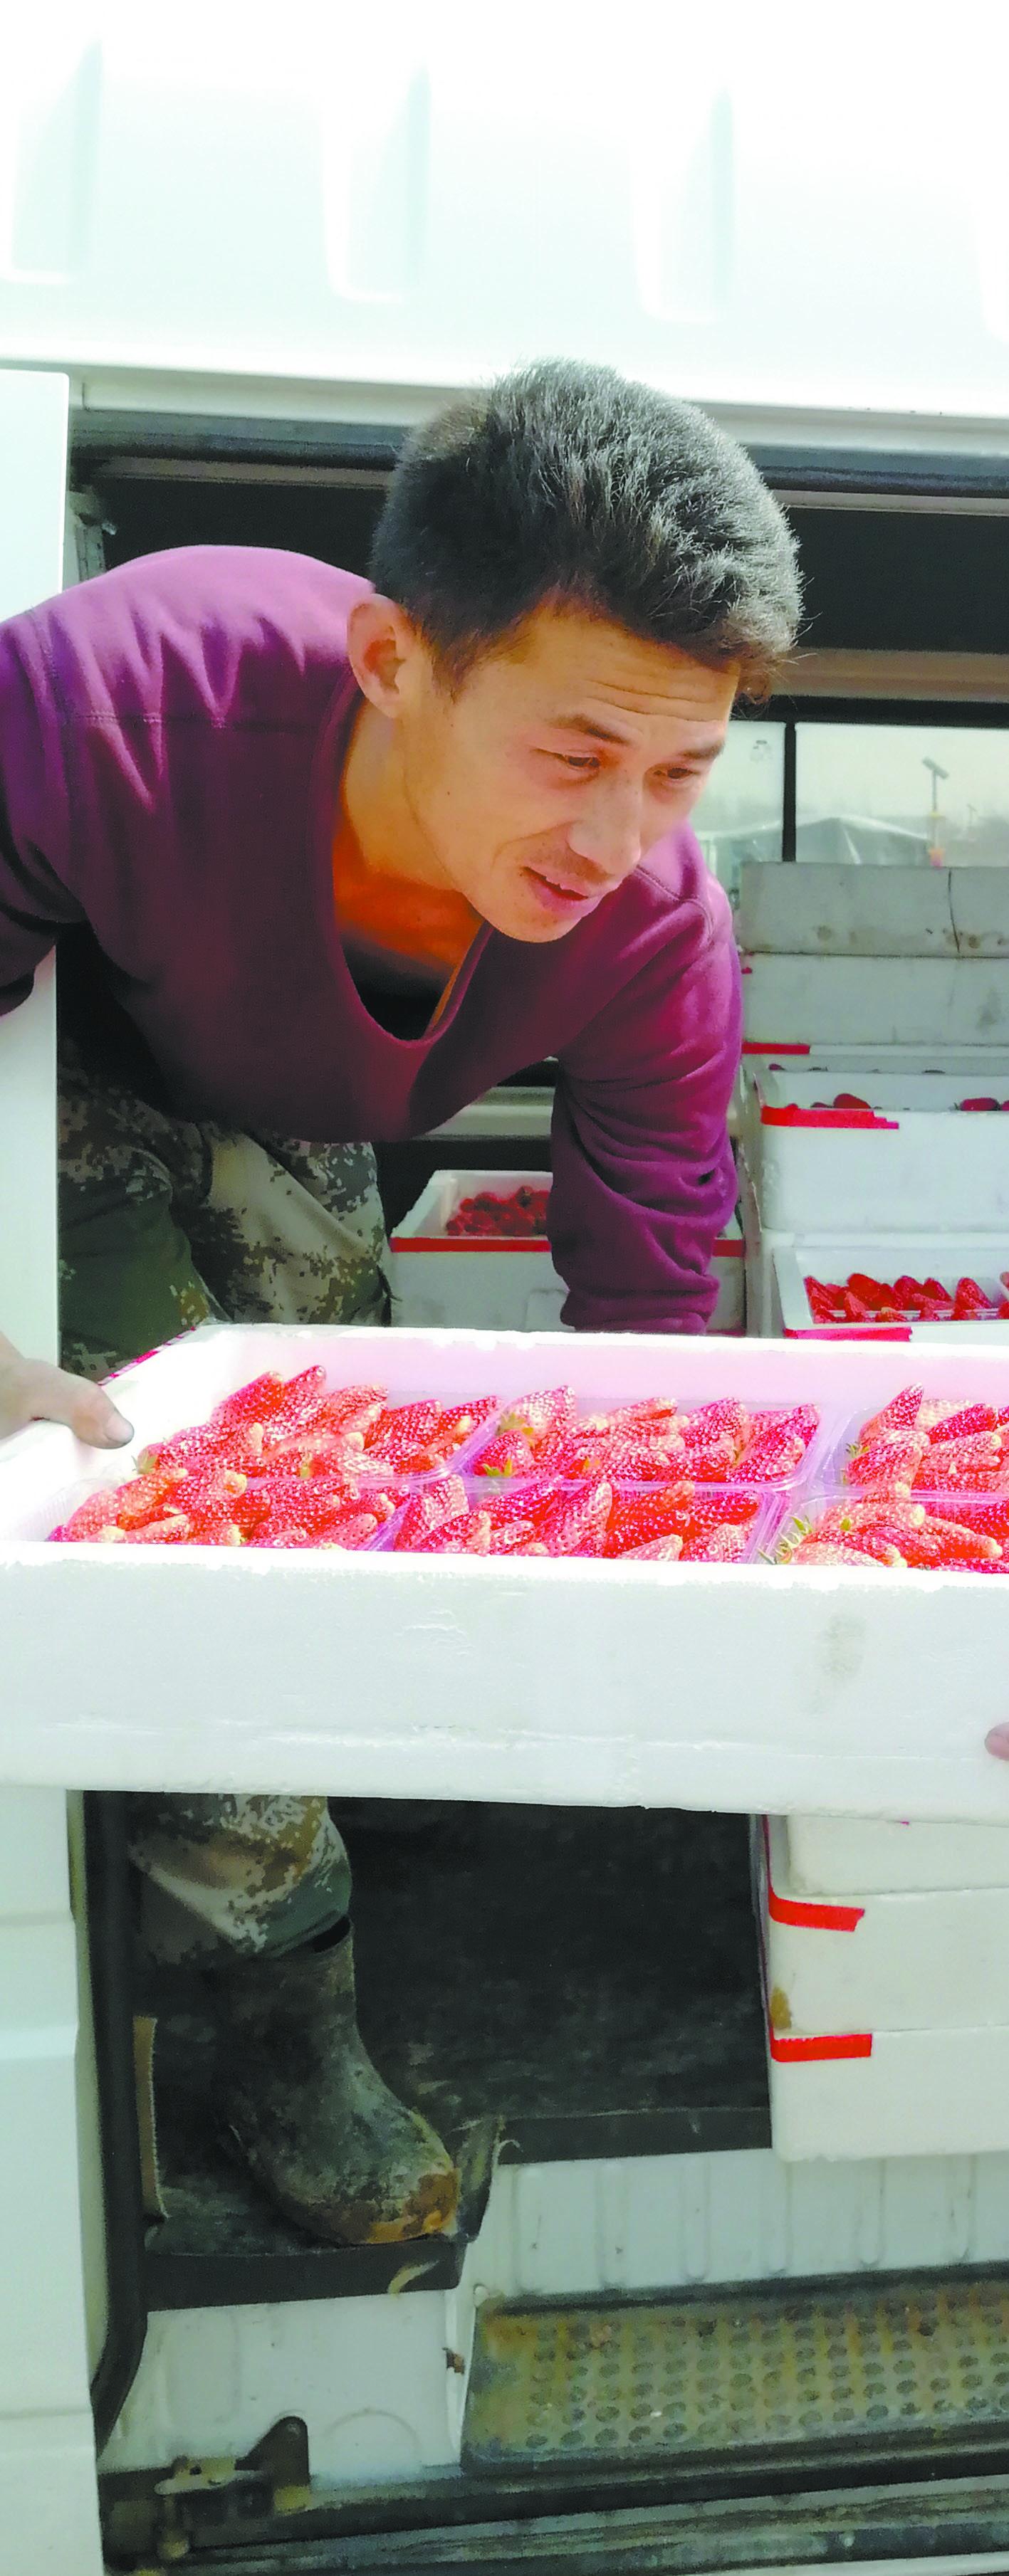 盖大棚建学院成立深加工公司 大流店村飘来阵阵草莓香